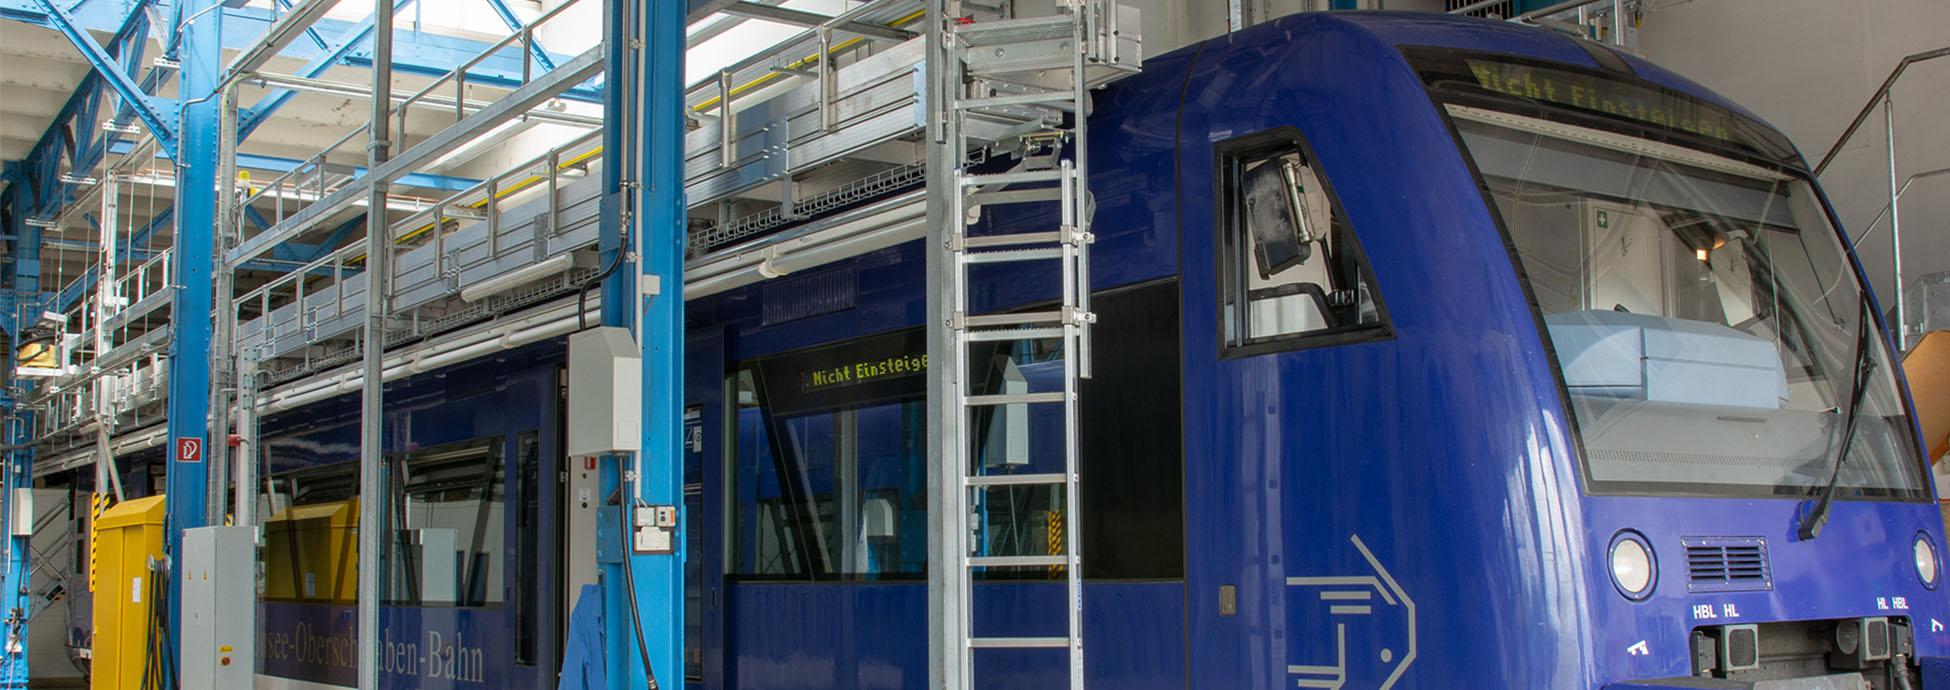 Platforma robocza do prac dachowych - mocowana na stałe, z elektrycznie wysuwanymi bocznymi pomostami oraz dostępem za pomocą schodów